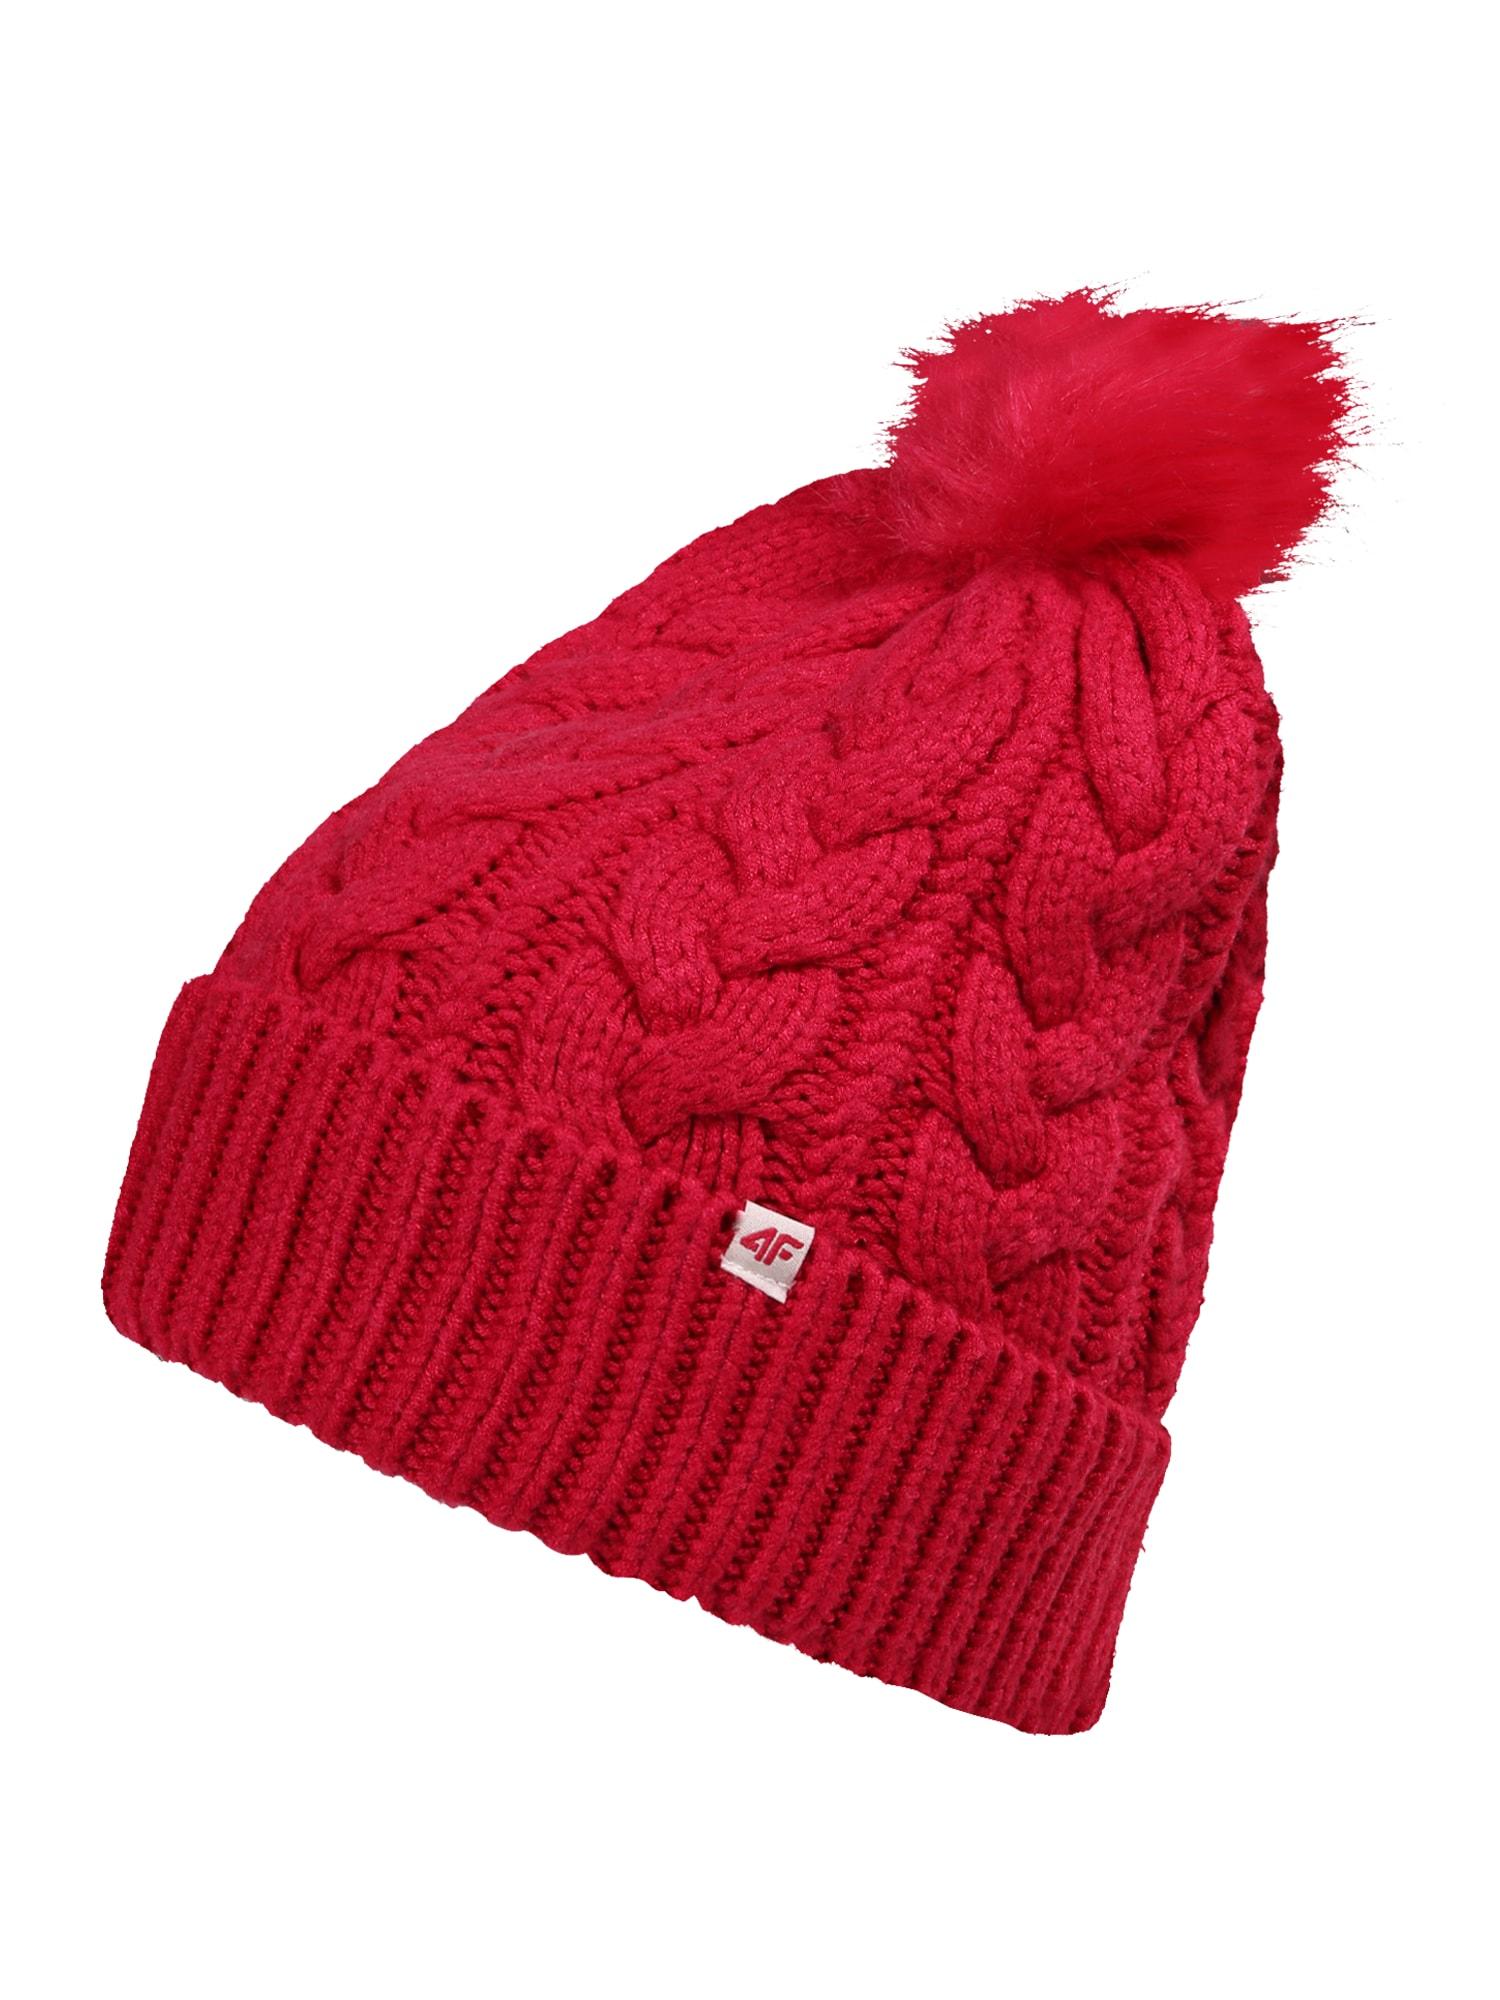 4F Sportinė kepurė pitajų spalva